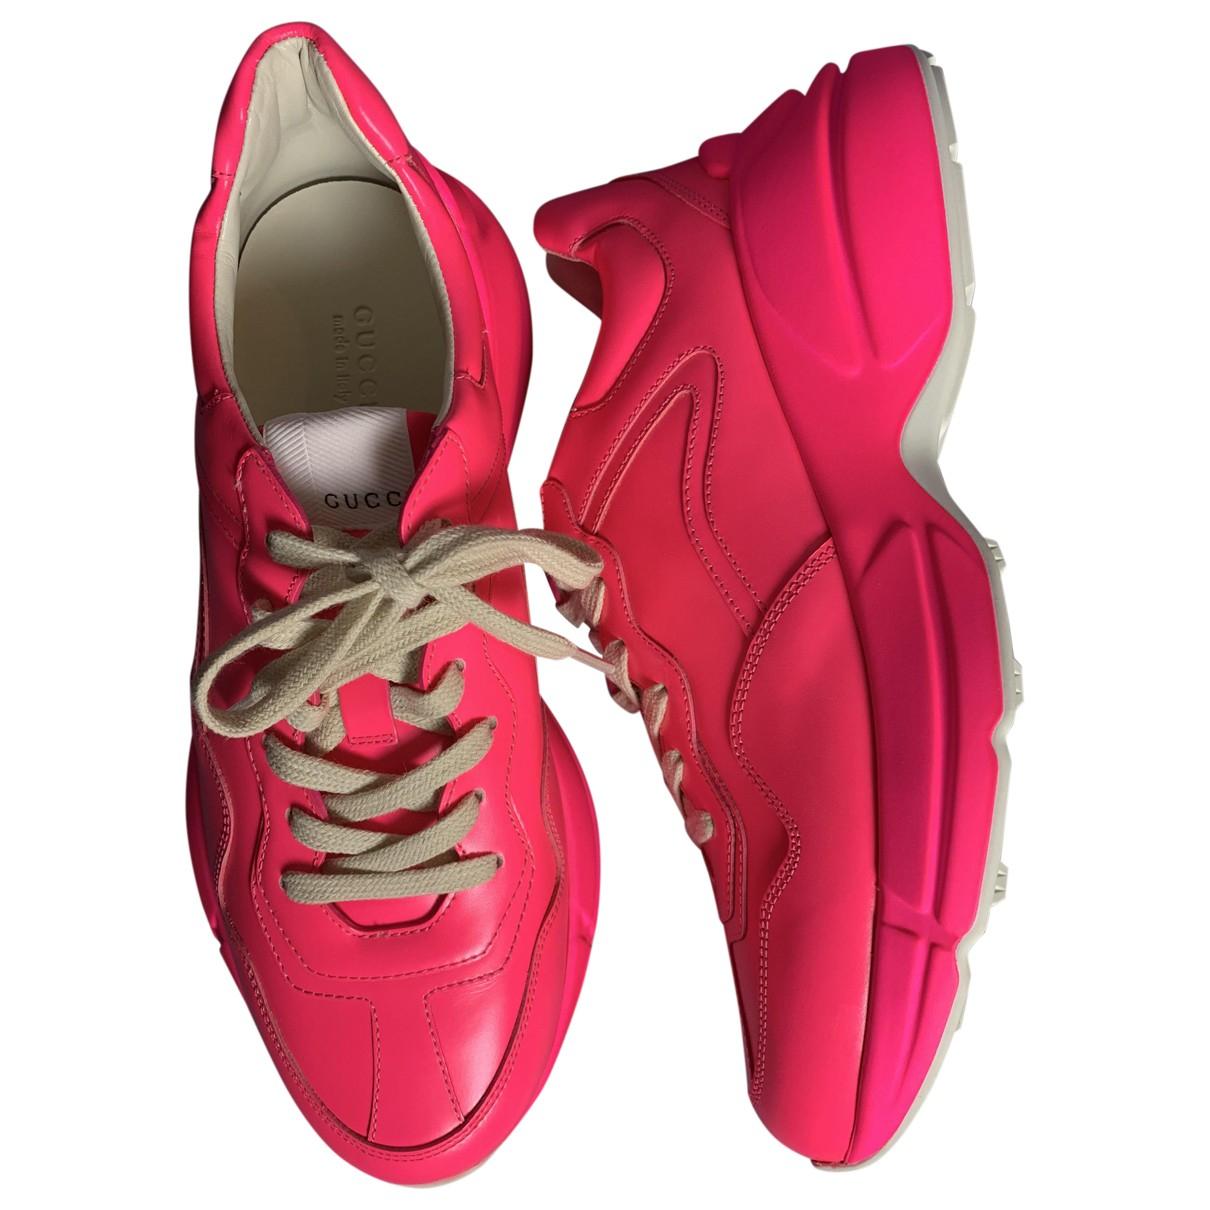 Gucci - Baskets Rhyton pour femme en cuir - rose